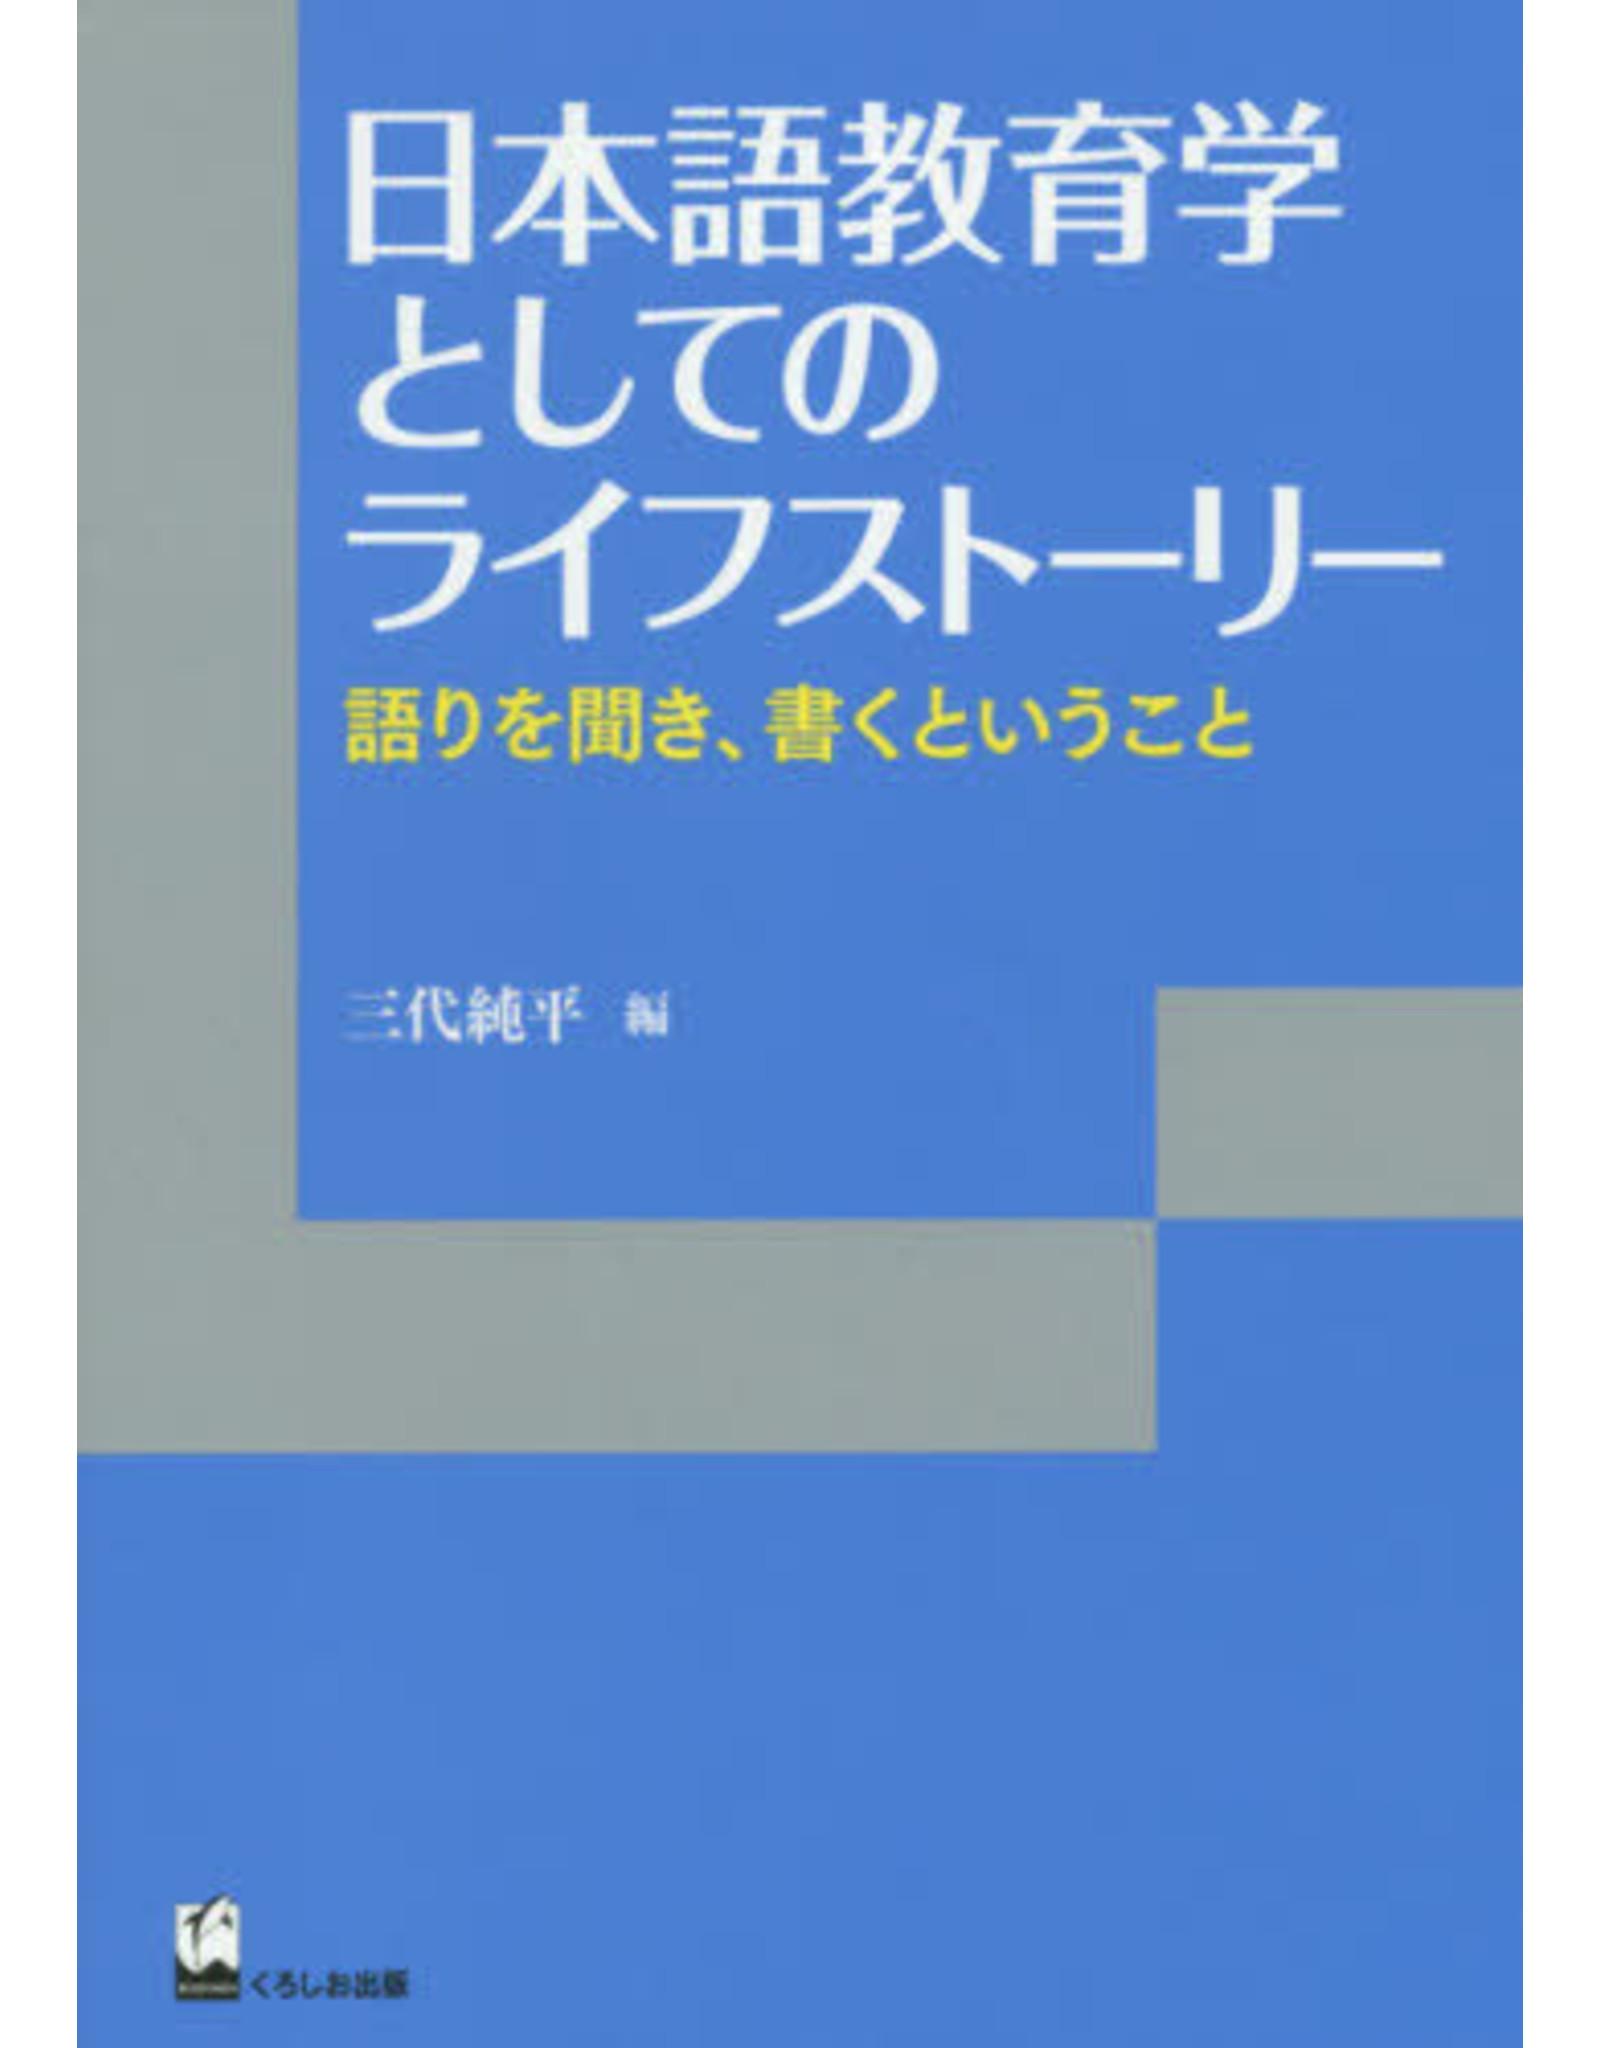 KUROSHIO NIHONGO KYOUIKUGAKU TO SHITENO LIFE STORY